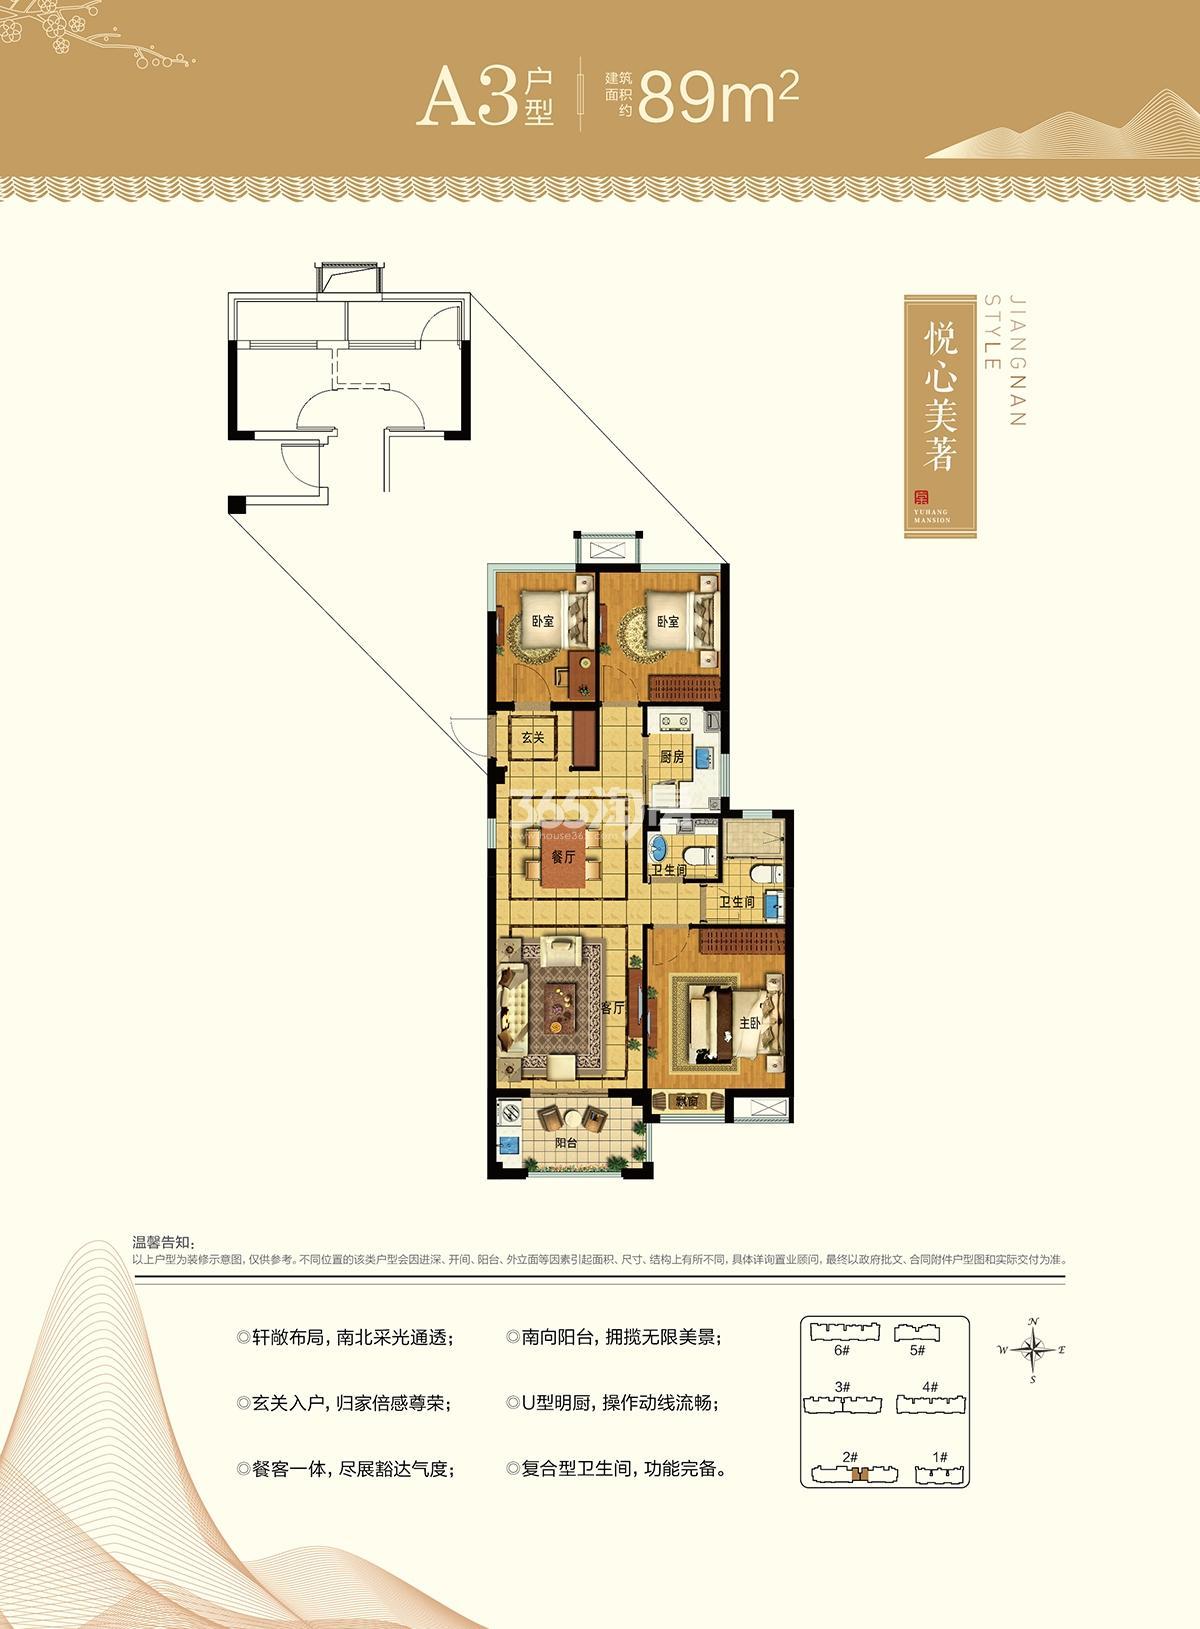 西房余杭公馆2号楼A3户型89方